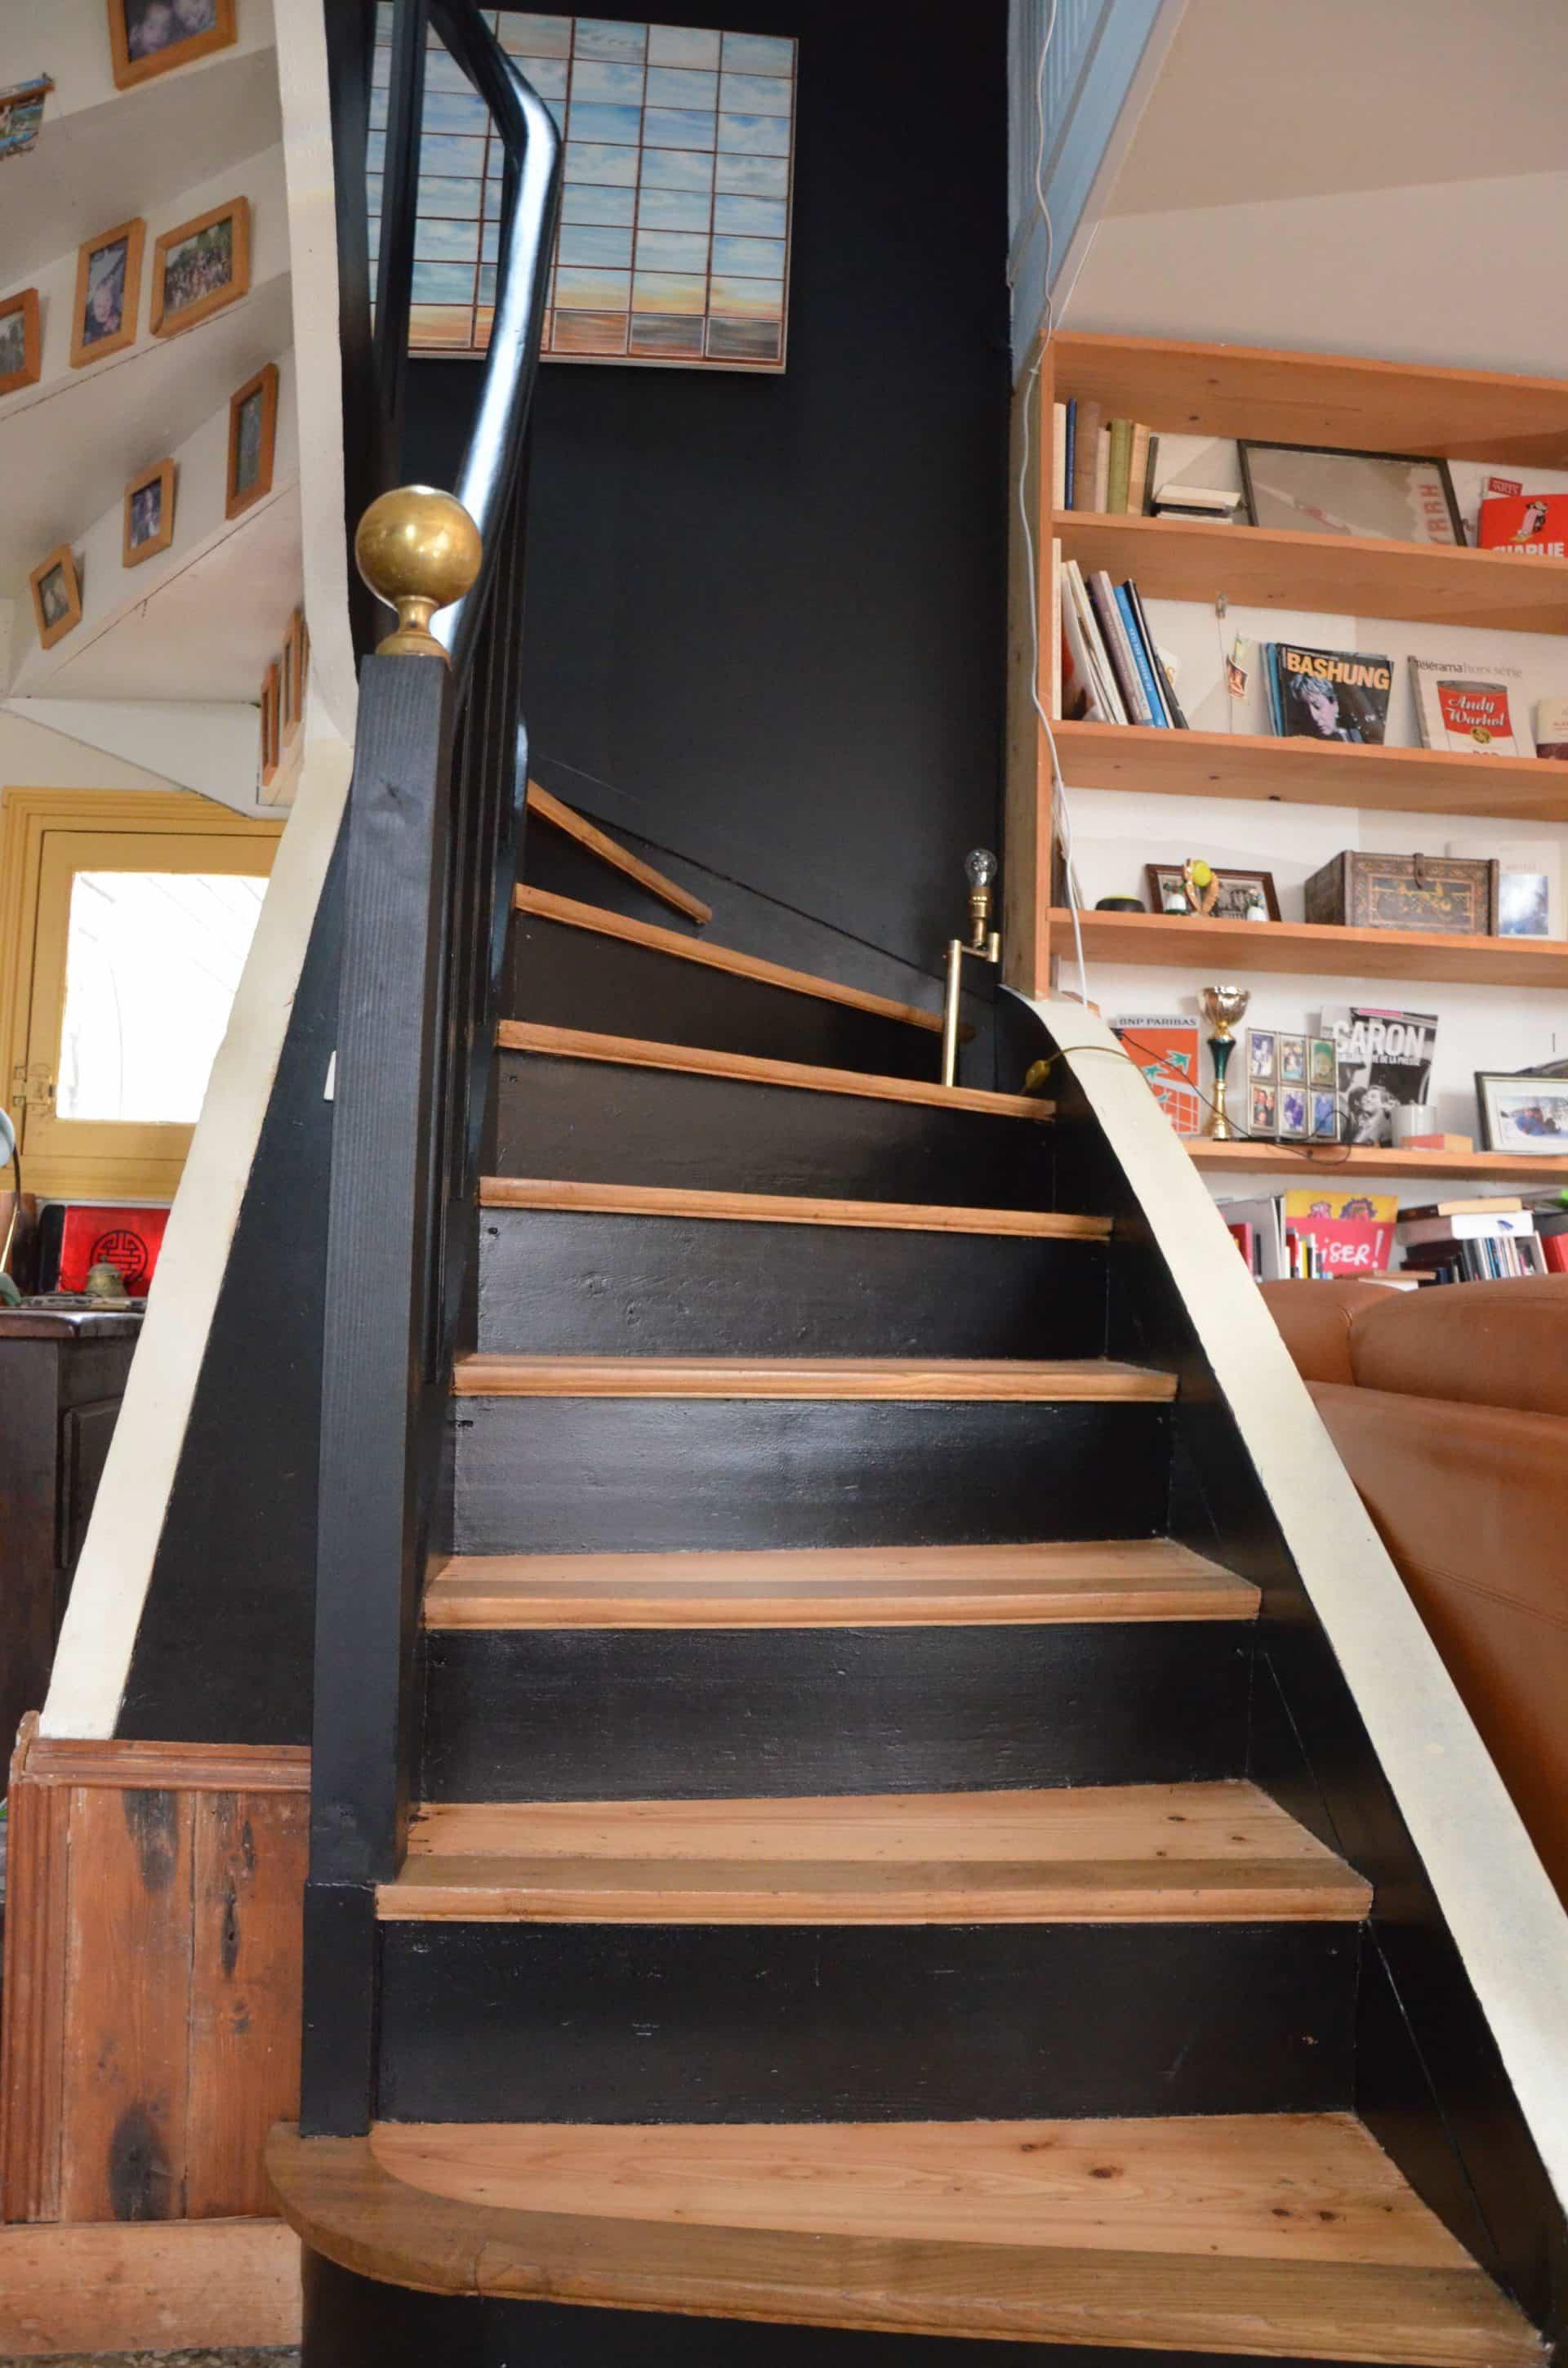 Recouvrir Un Escalier En Béton rénover ou habiller son escalier ? - atelier des sols